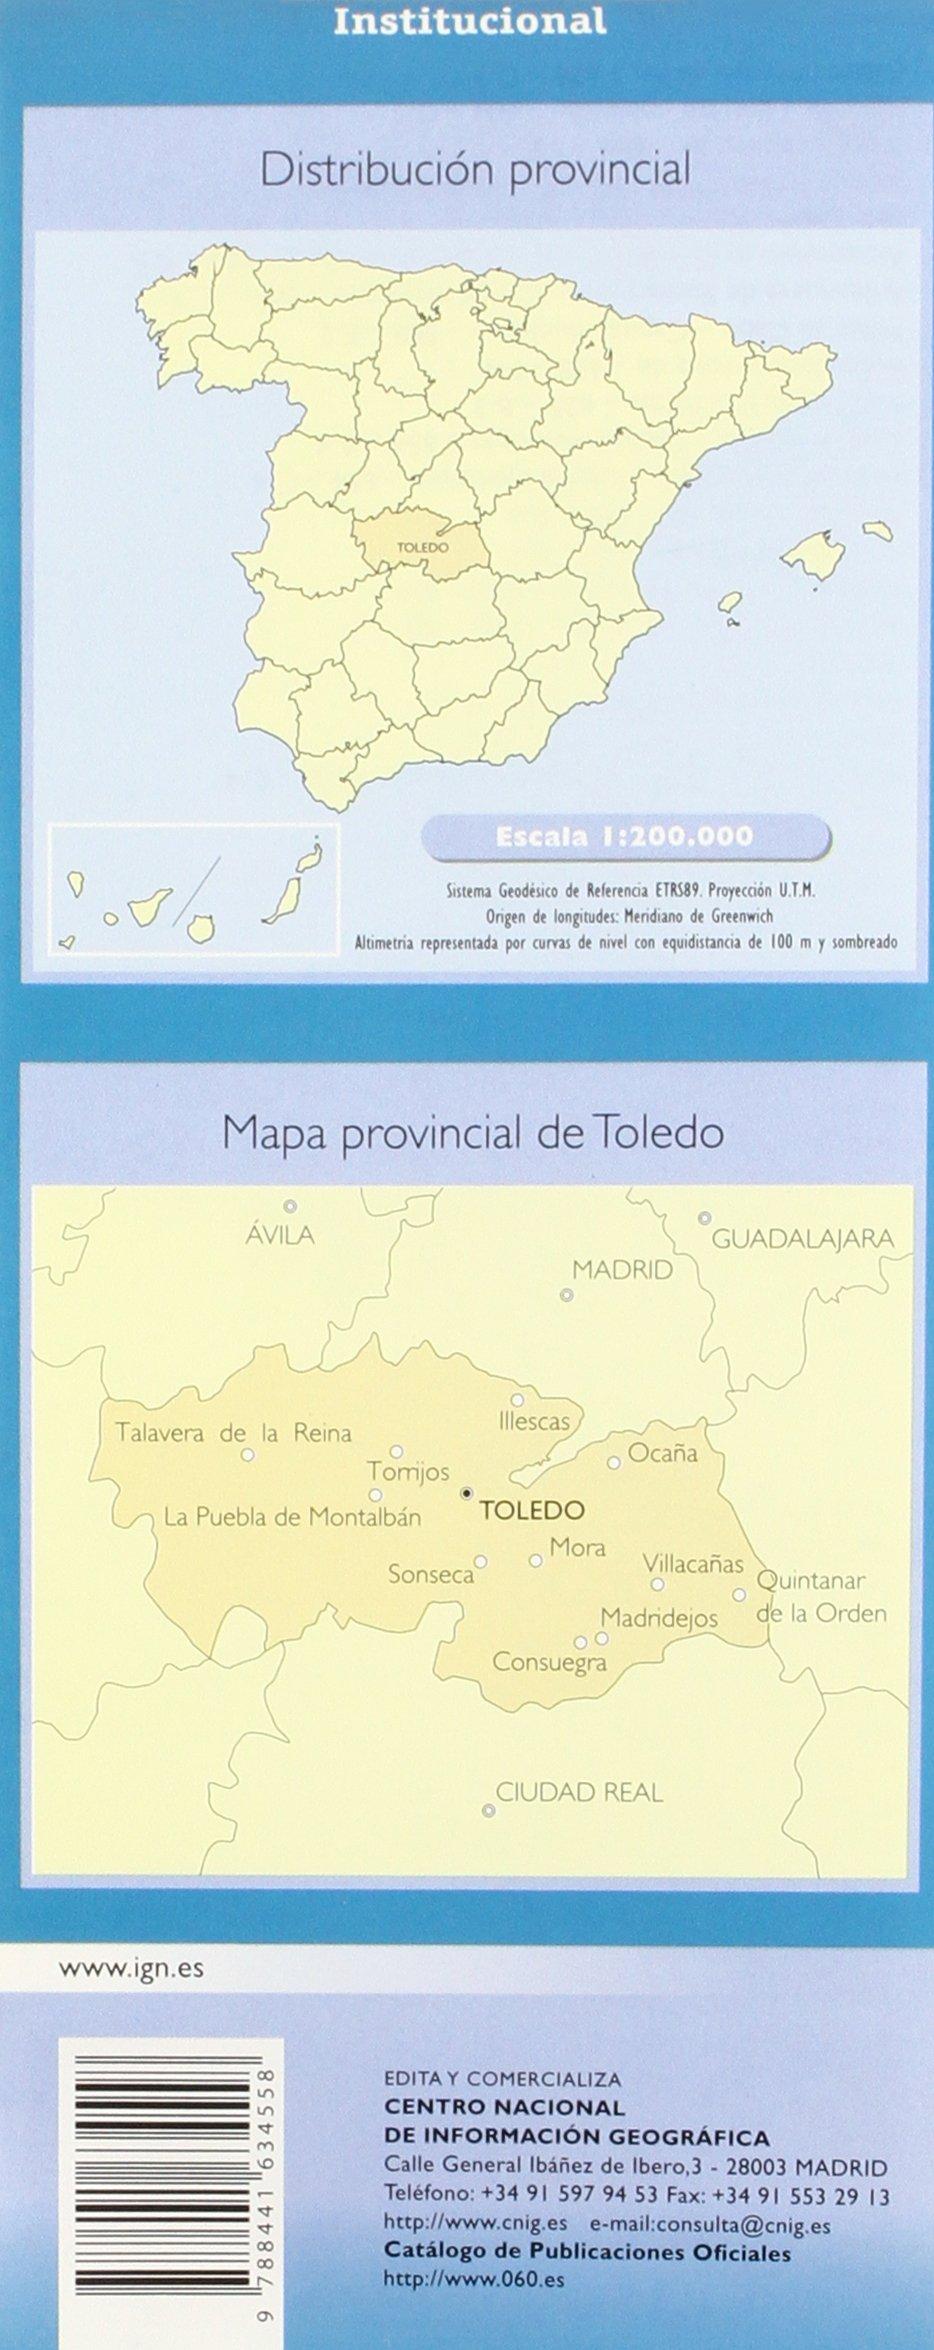 CNIG - Mapa provincial de Toledo, escala 1:200.000, dimensiones 138 x 77 cm: Amazon.es: VV.AA.: Libros